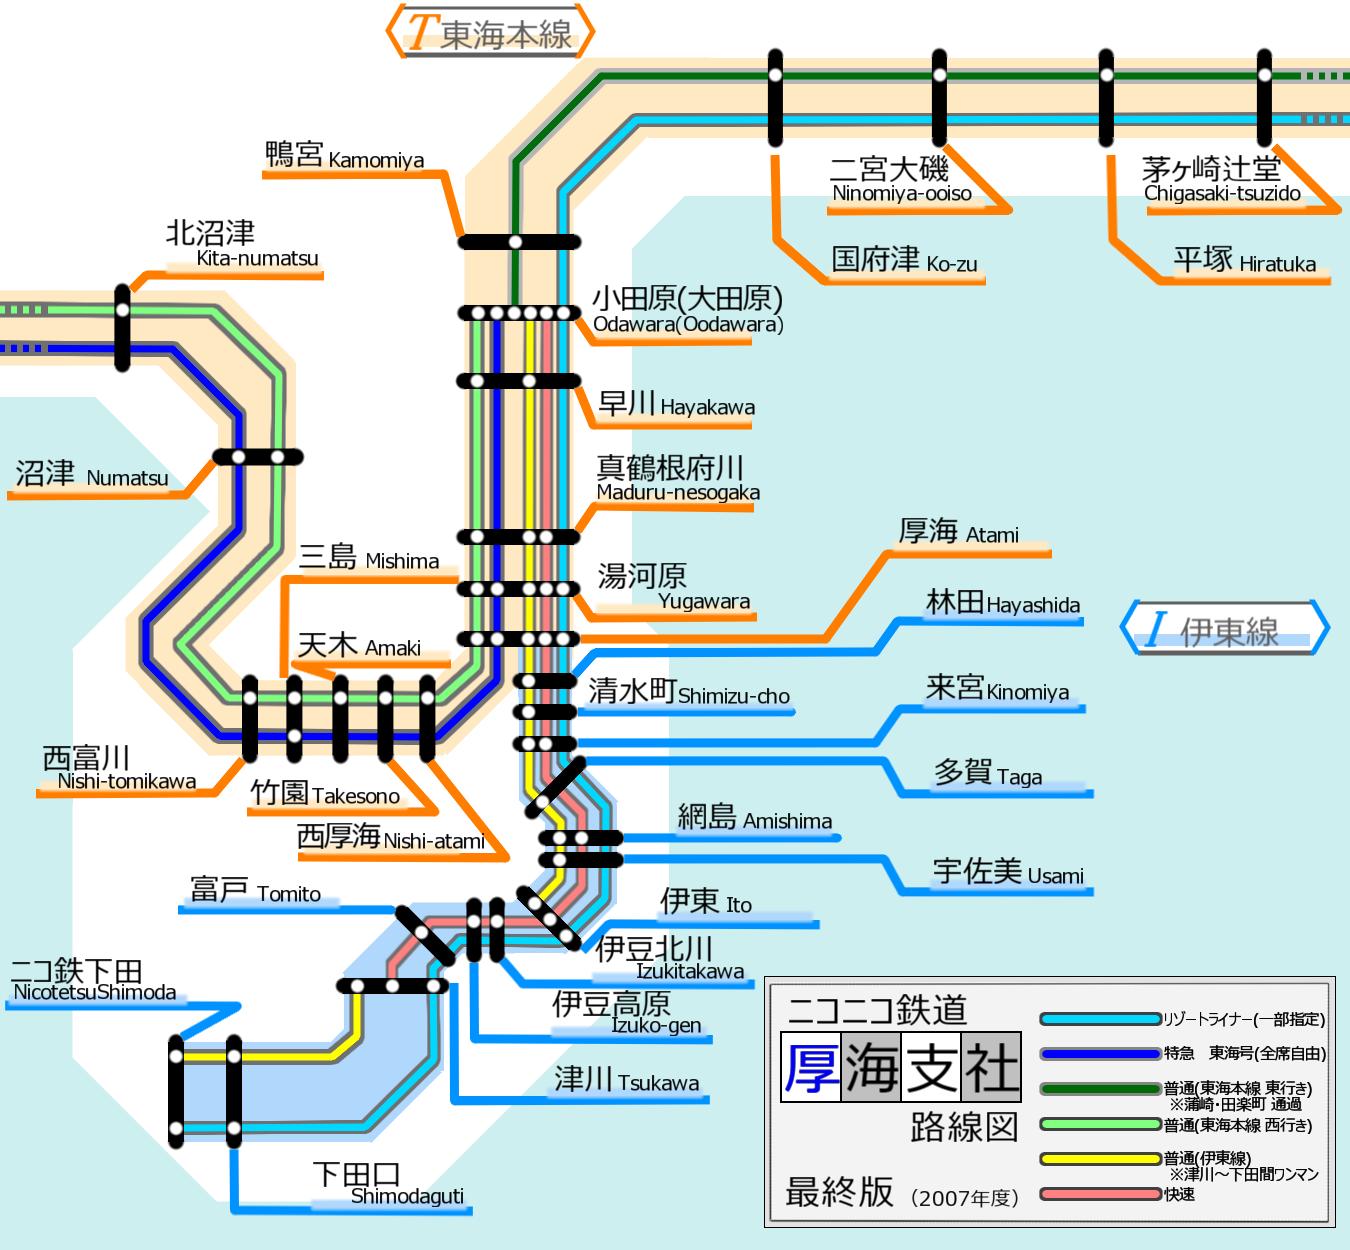 07 伊豆半島路線図.png